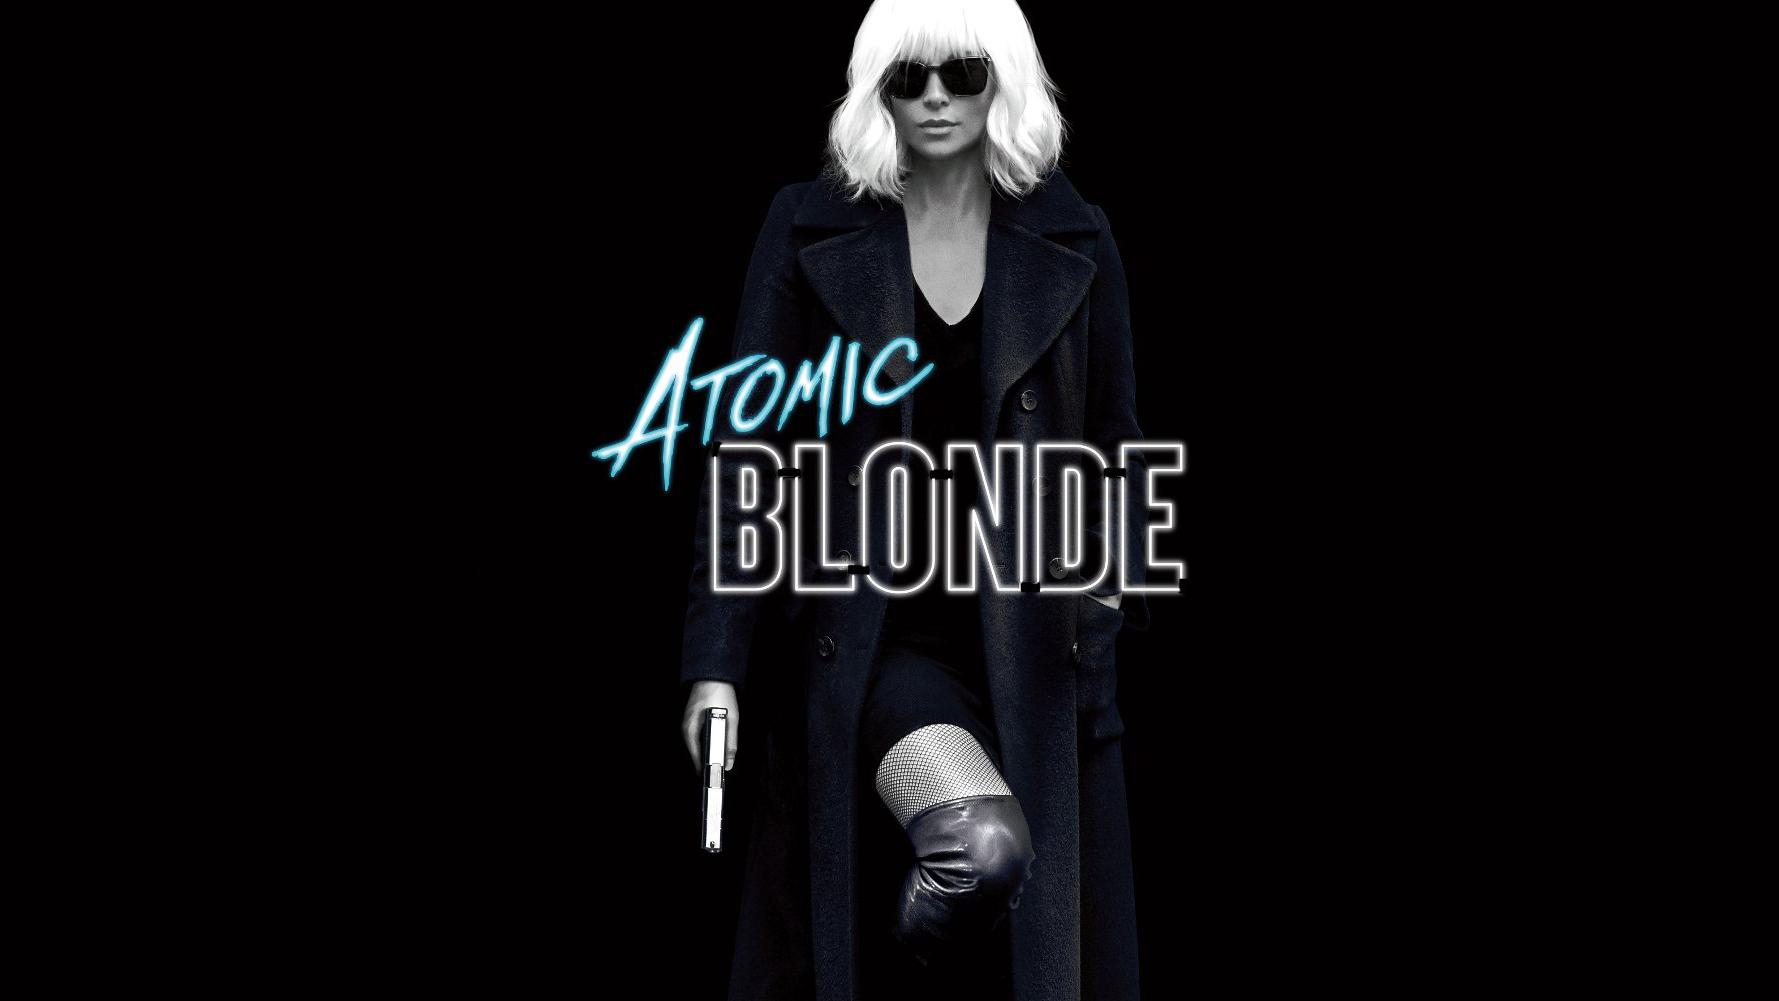 """Filmkritik zu """"Atomic Blonde"""" (Review, Kritik), hier ein Aussschnitt aus dem offiziellen Kinoposter. Ein Actionfilm im Stil von """"John Wick"""" mit Agenten und 80er-Jahre-Flair im Berlin des Mauerfalls. Kinostart: 24. August 2017."""